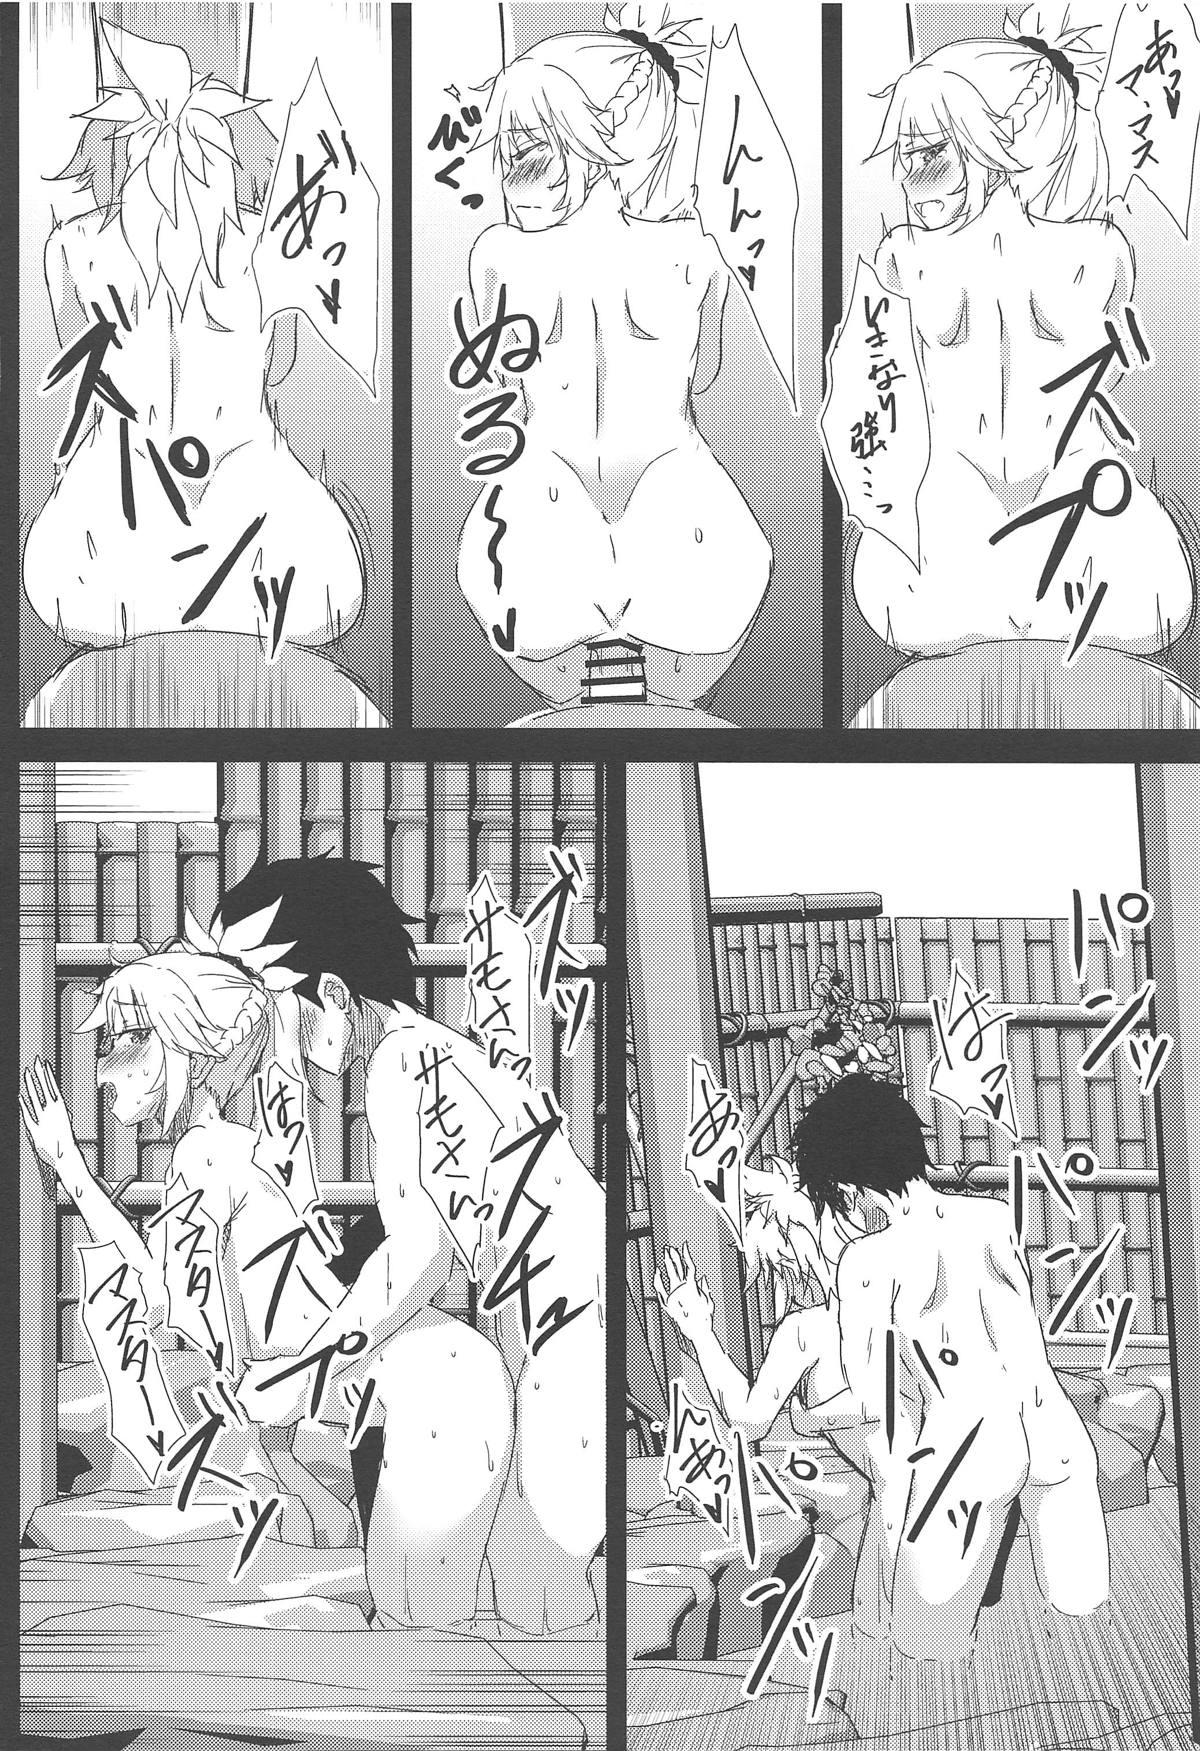 【エロ漫画】どんなオレっ娘も温泉の嫌らしい雰囲気とチンポが合わさったらメスの顔よww